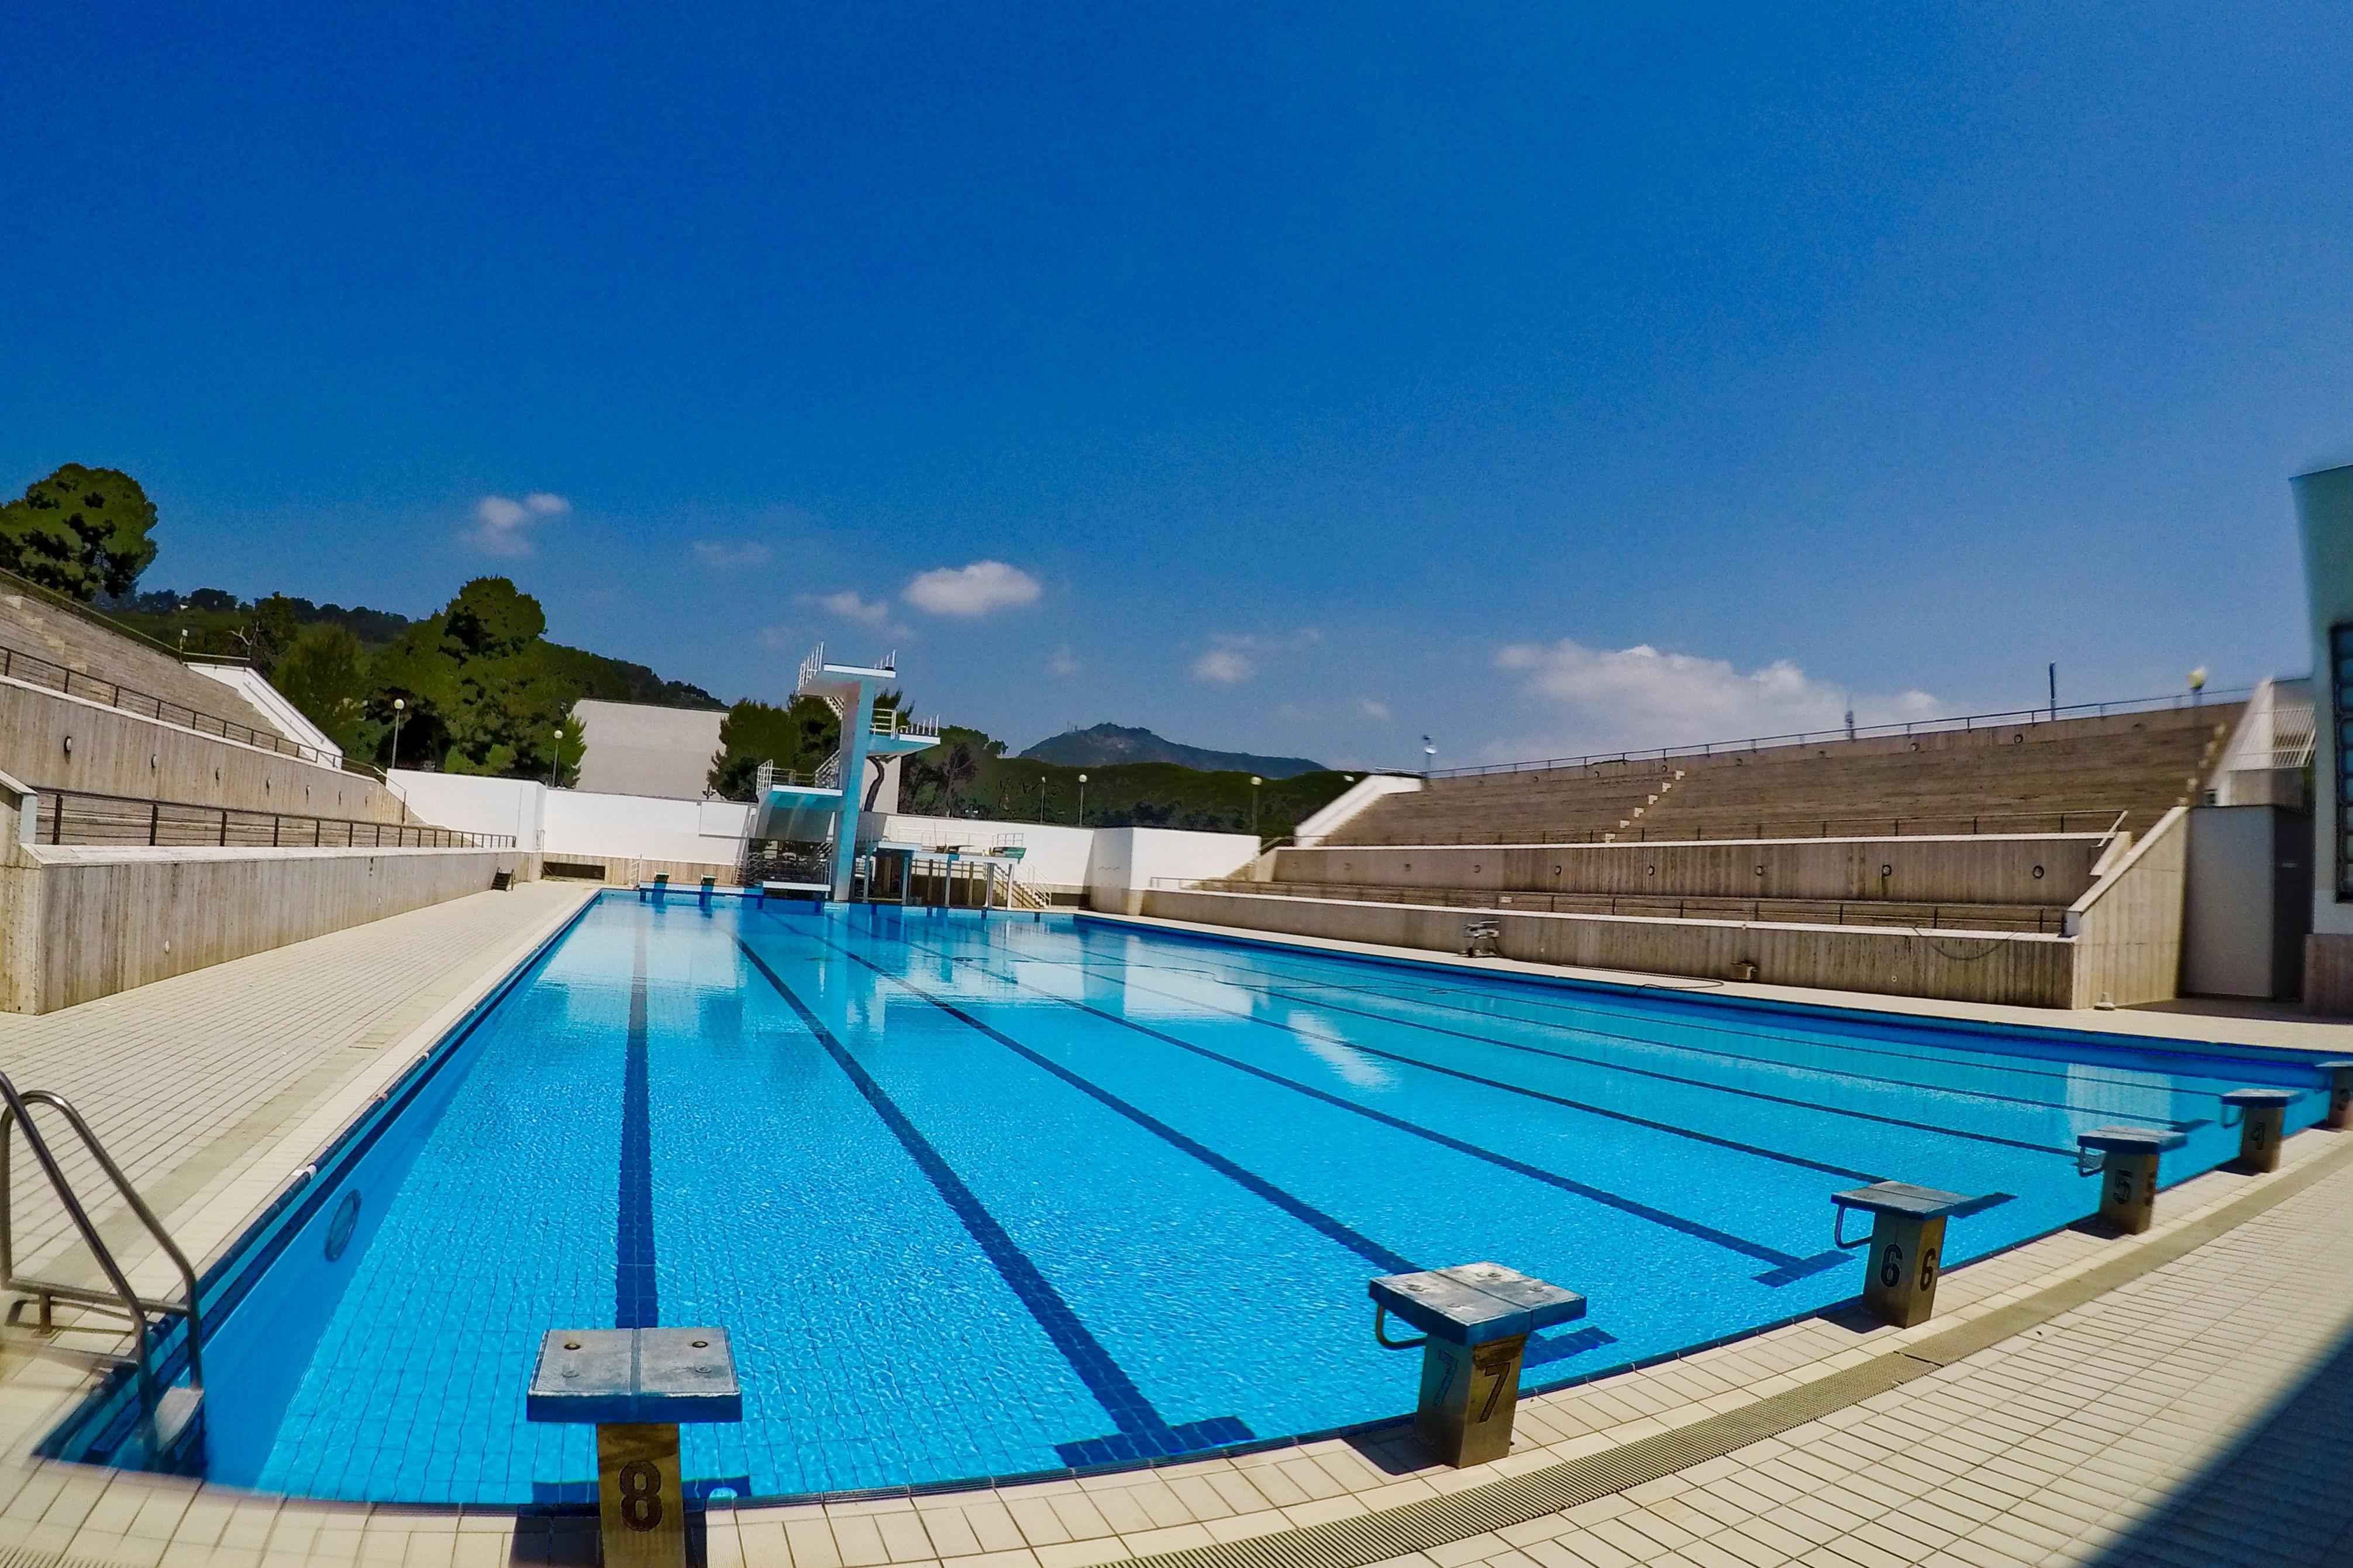 Piscina A Torre Del Greco dopo 40 anni tornano i tuffi alla piscina della mostra d